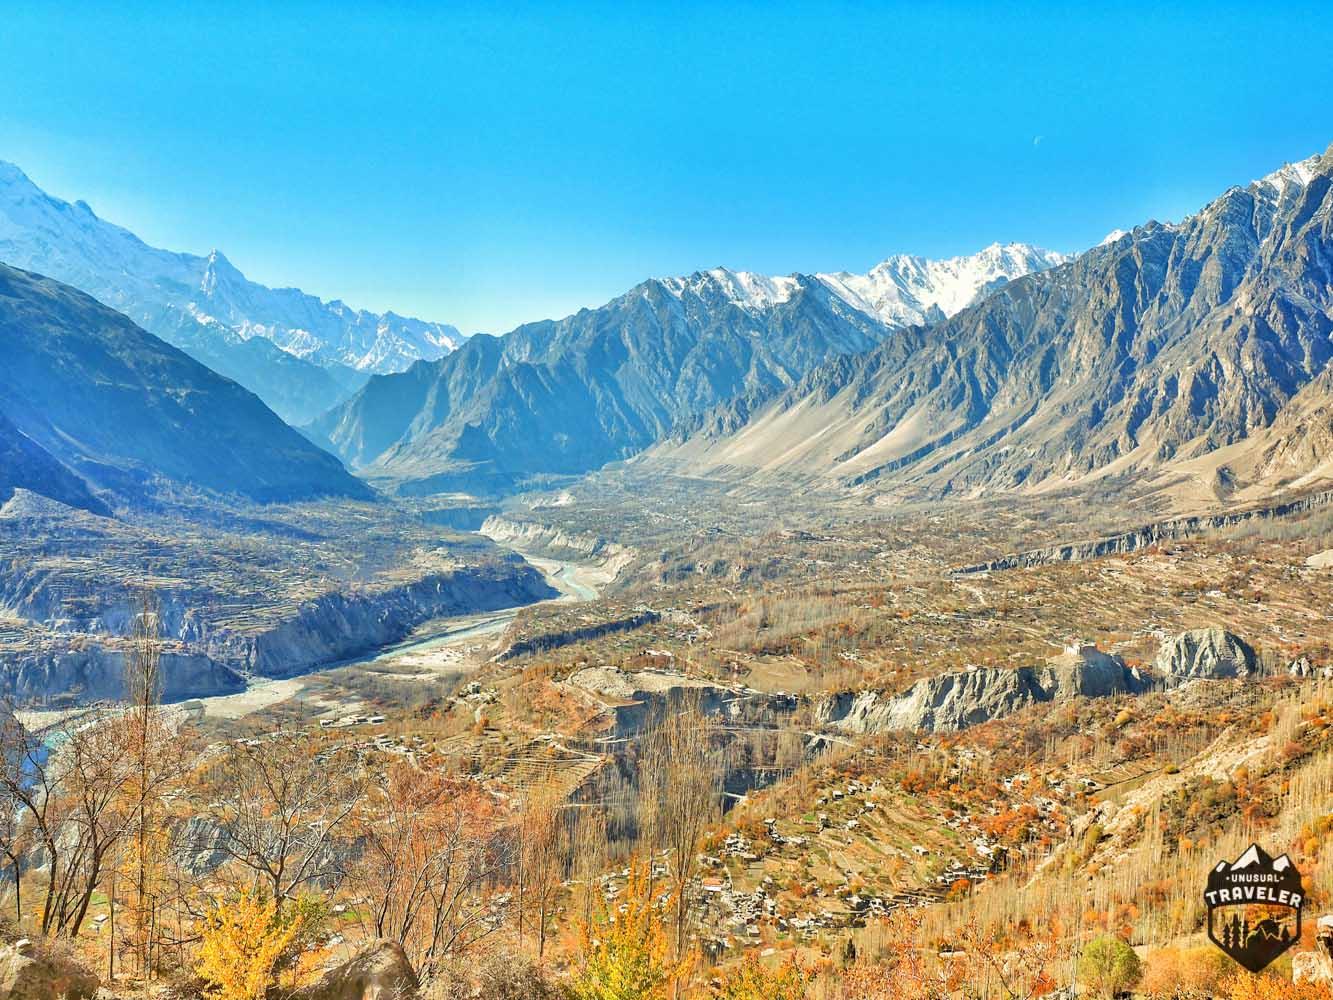 #Pakistan #Hunzavalley #landscape in Karakoram